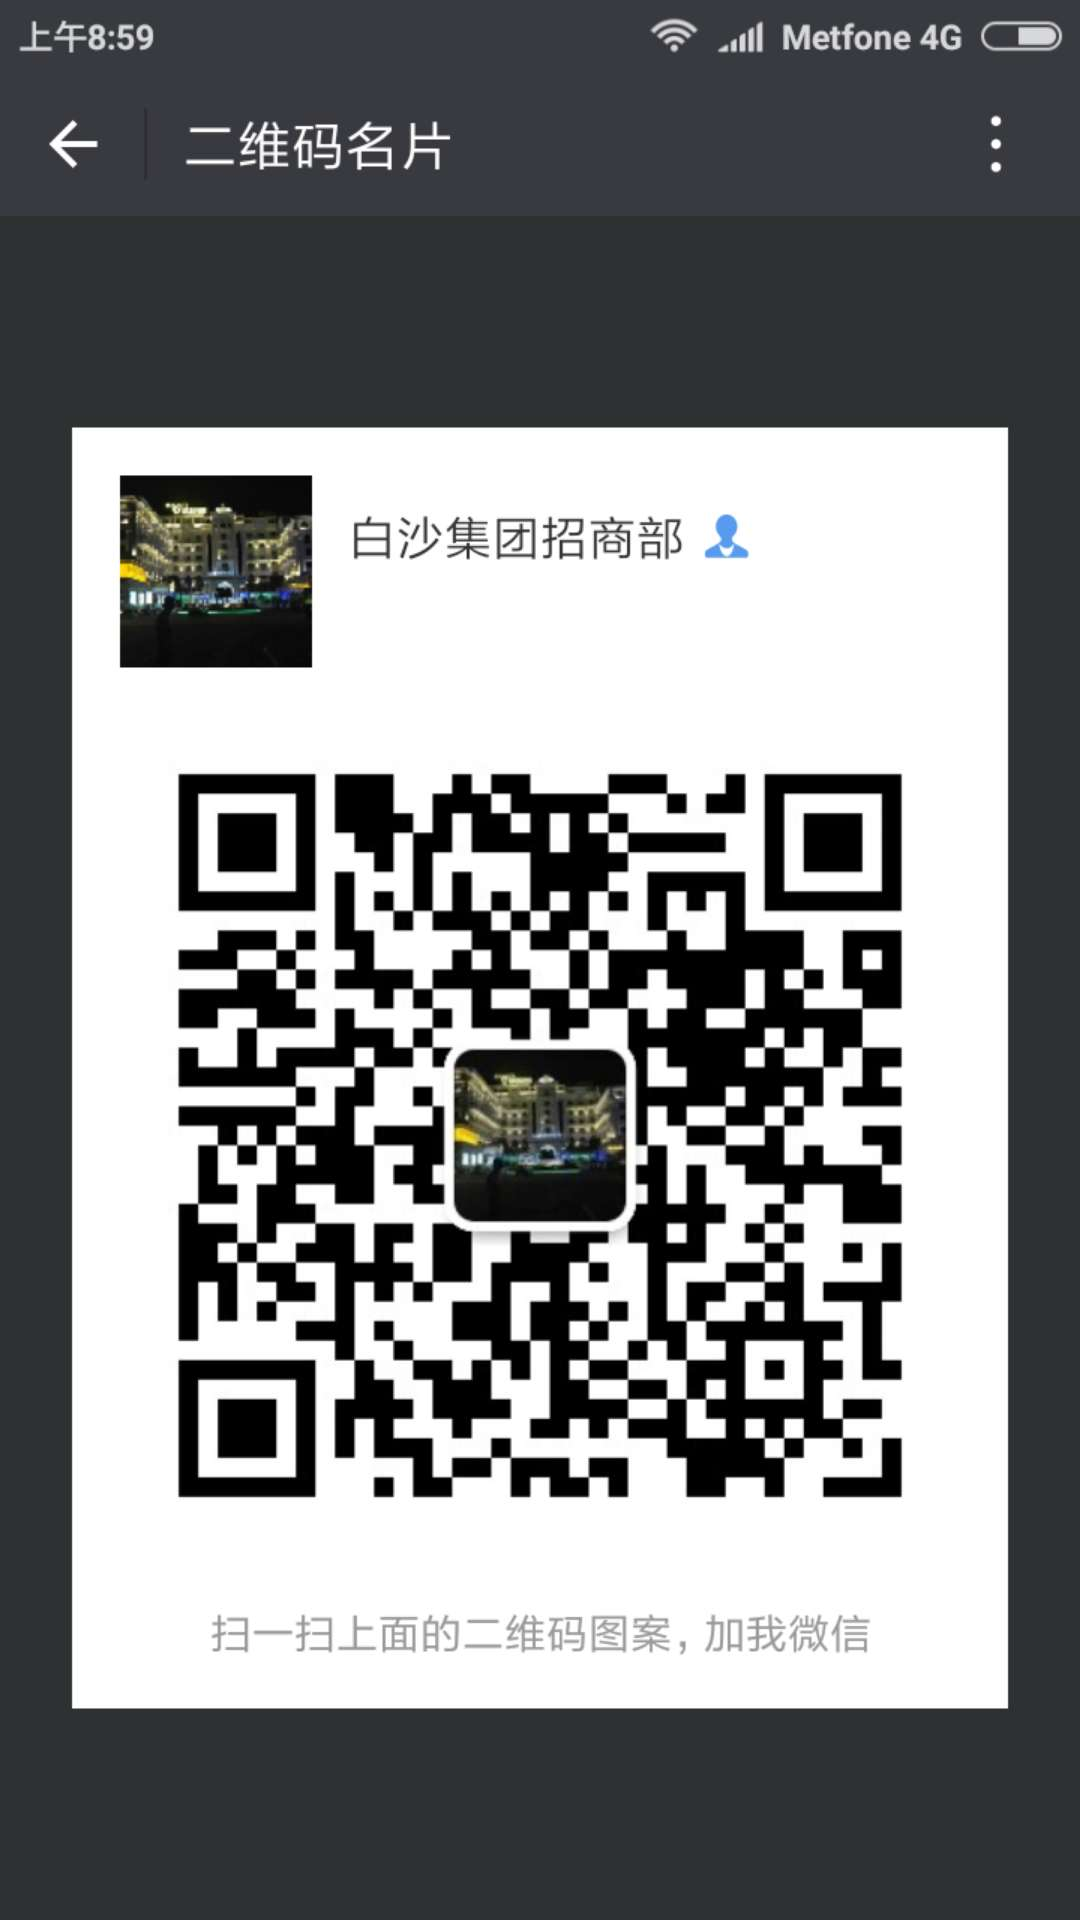 836130858446072547.jpg